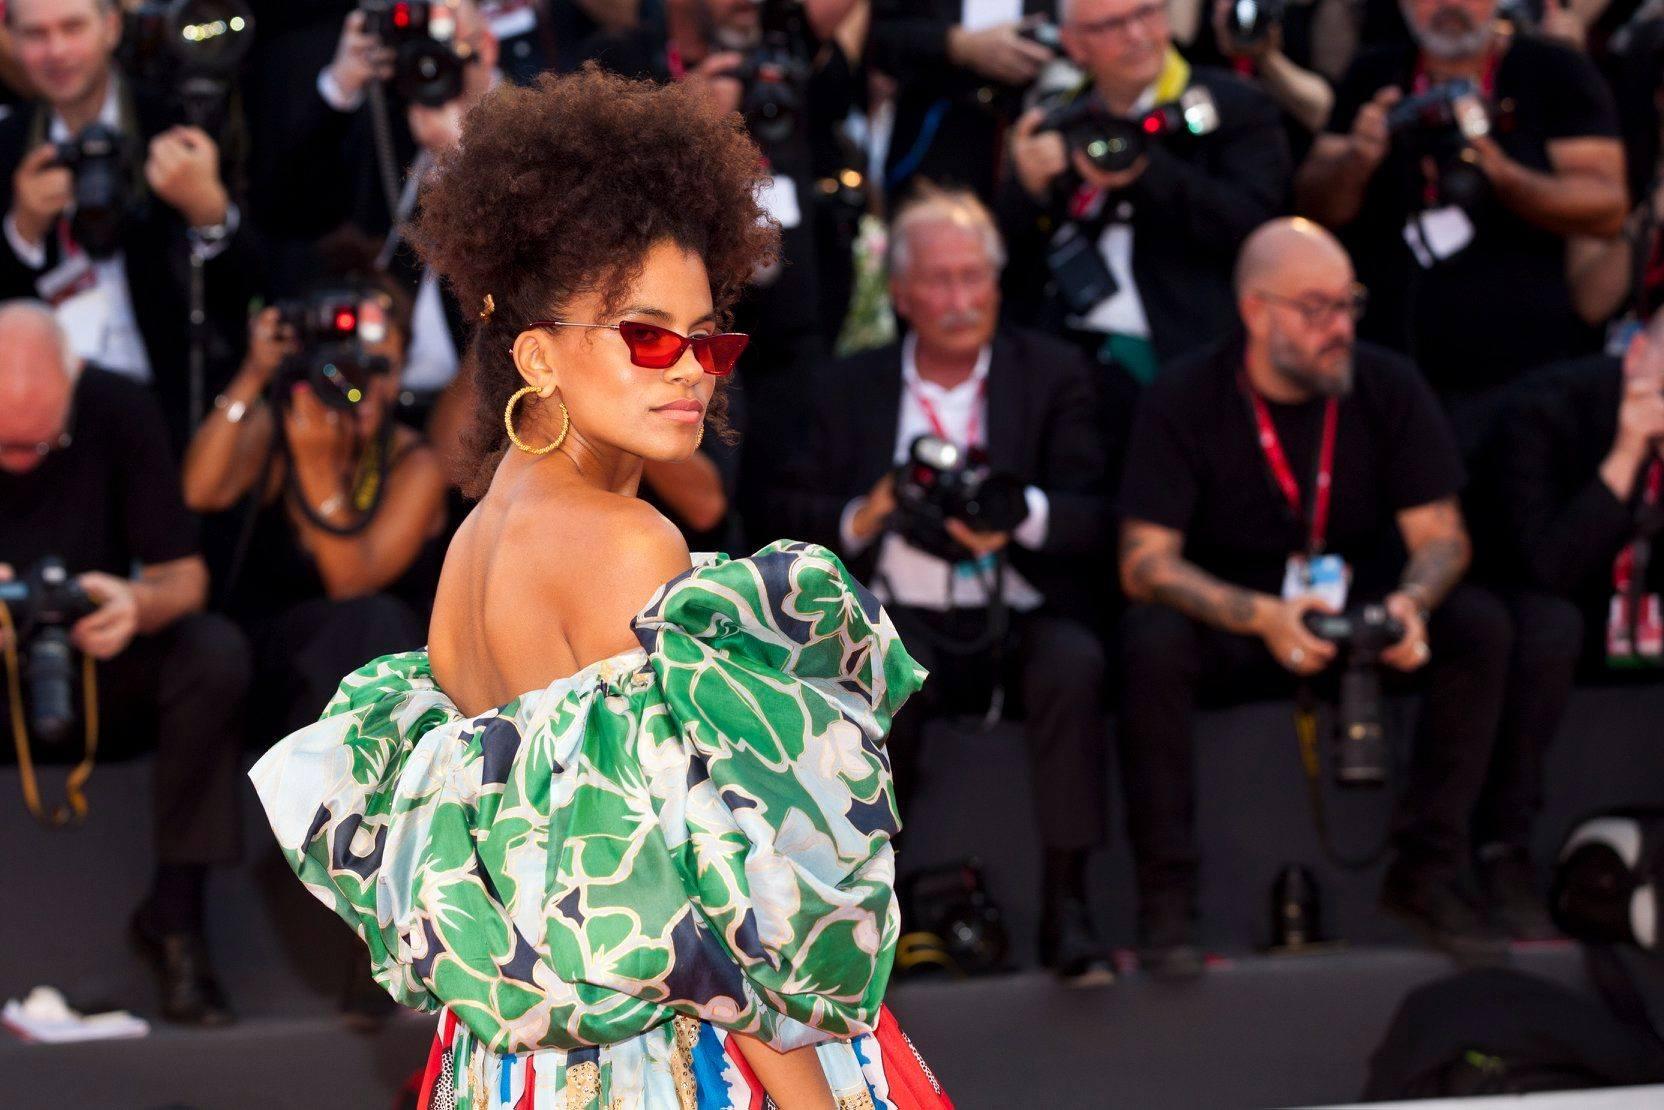 Zazie Beetz Red Carpet per Joker film in concorso al Festival del cinema di Venezia 4